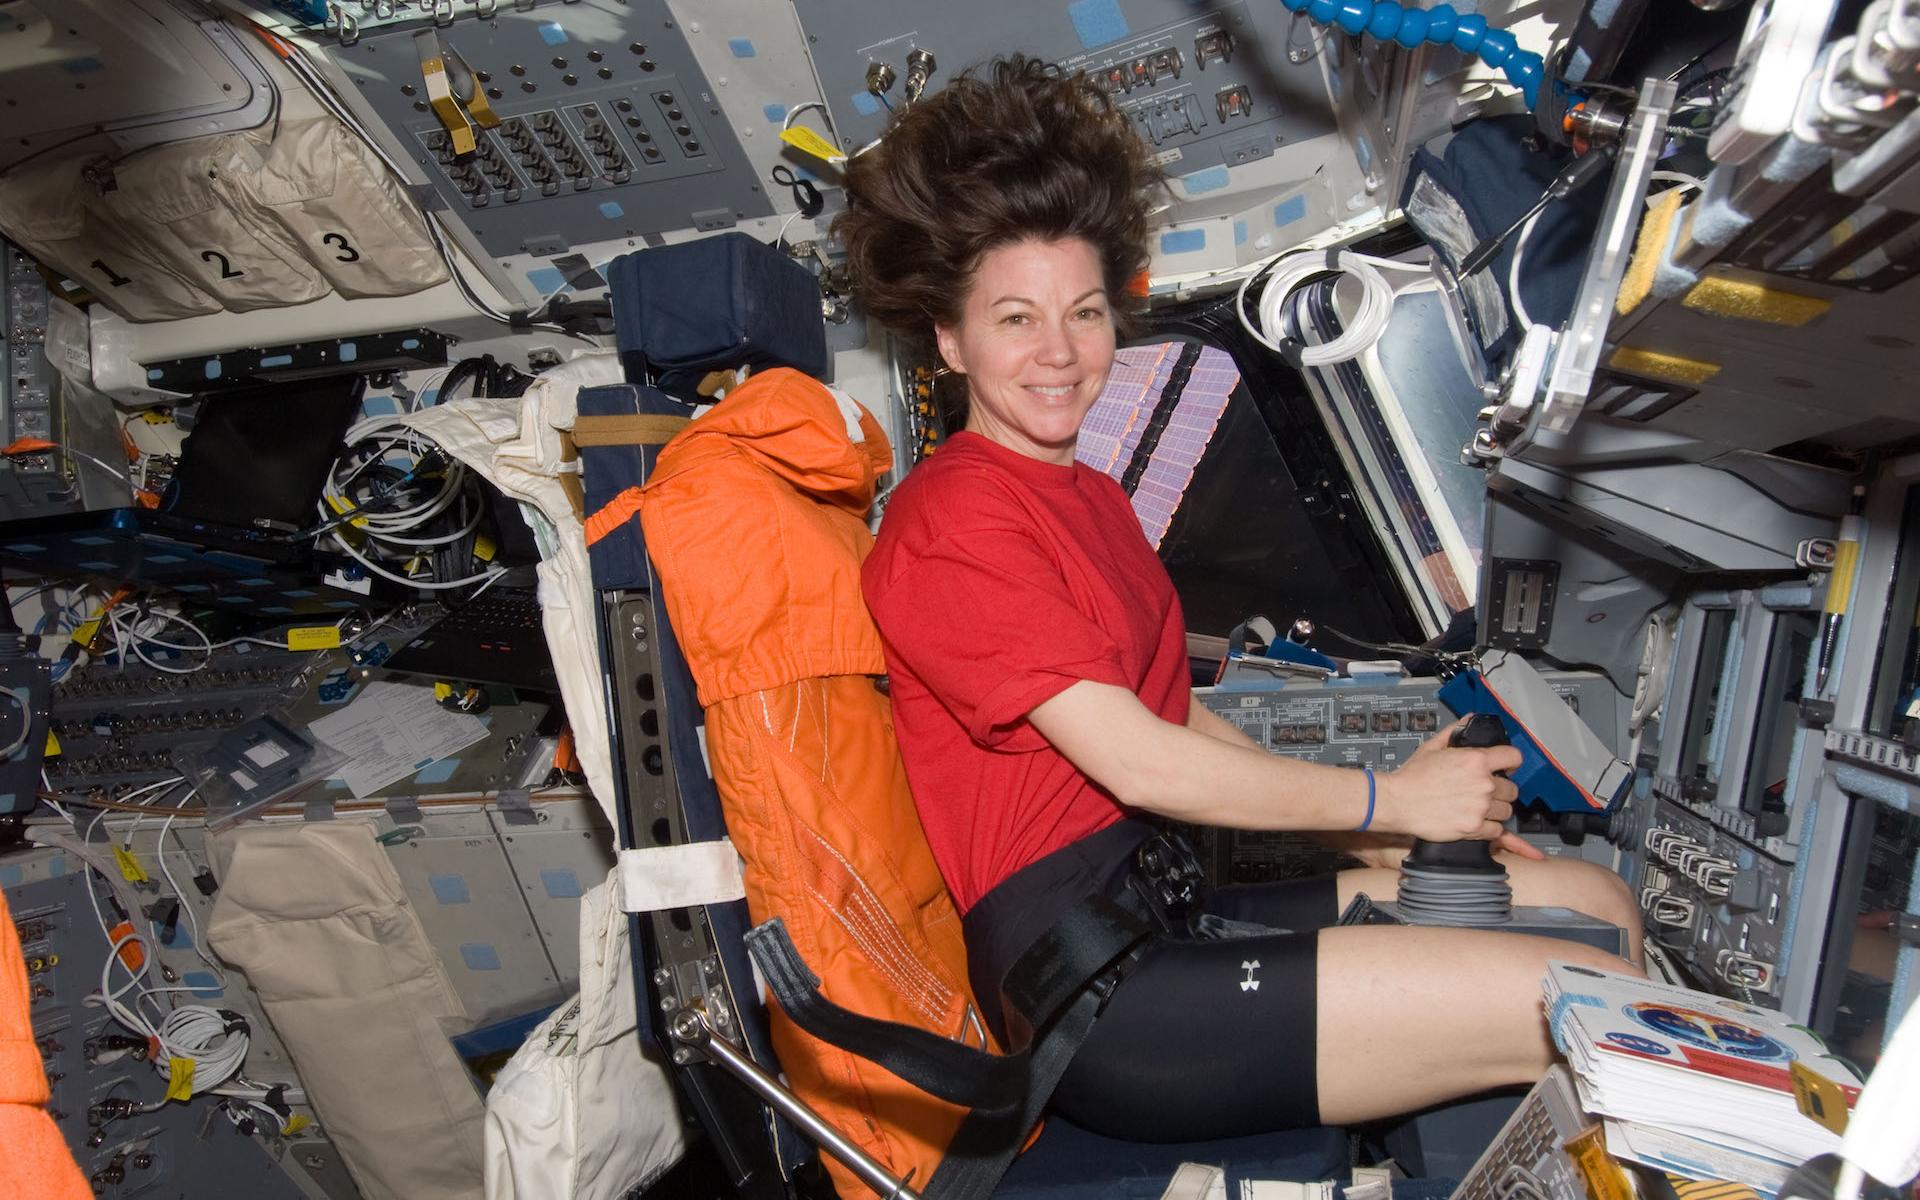 L'herpès des astronautes se réactive à bord de l'ISS : un risque pour les missions vers Mars ?